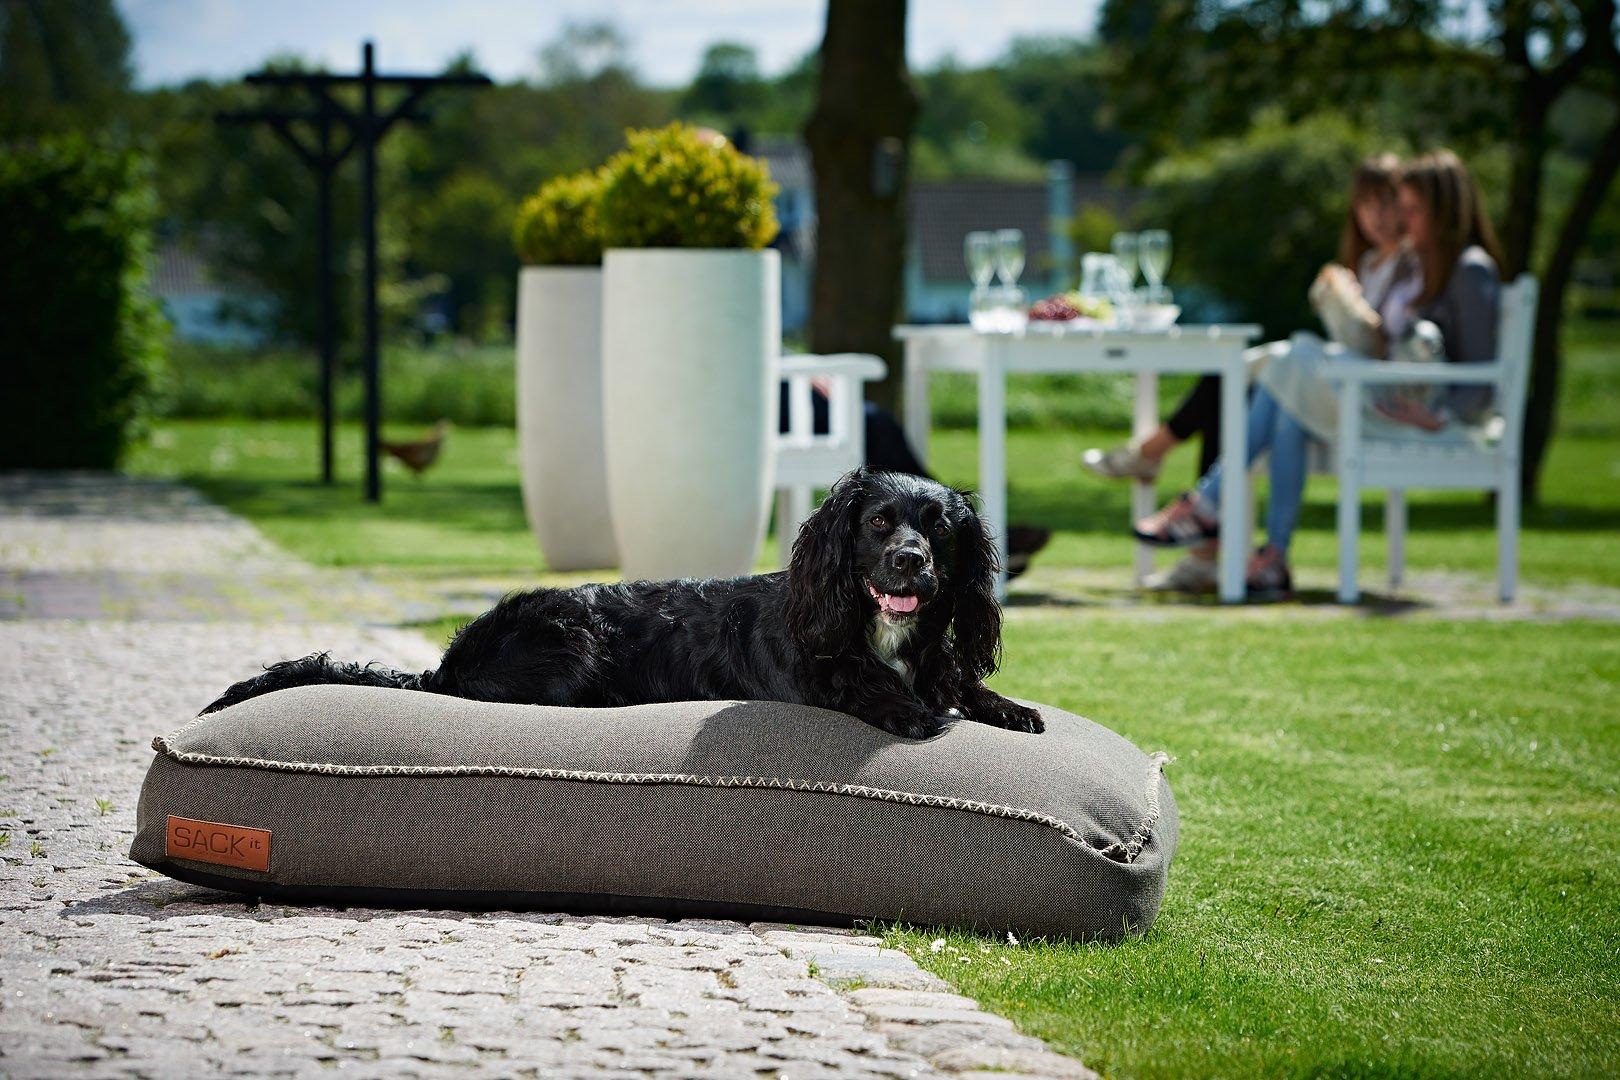 Designerskie legowisko dla psów do wnętrz i ogrodów